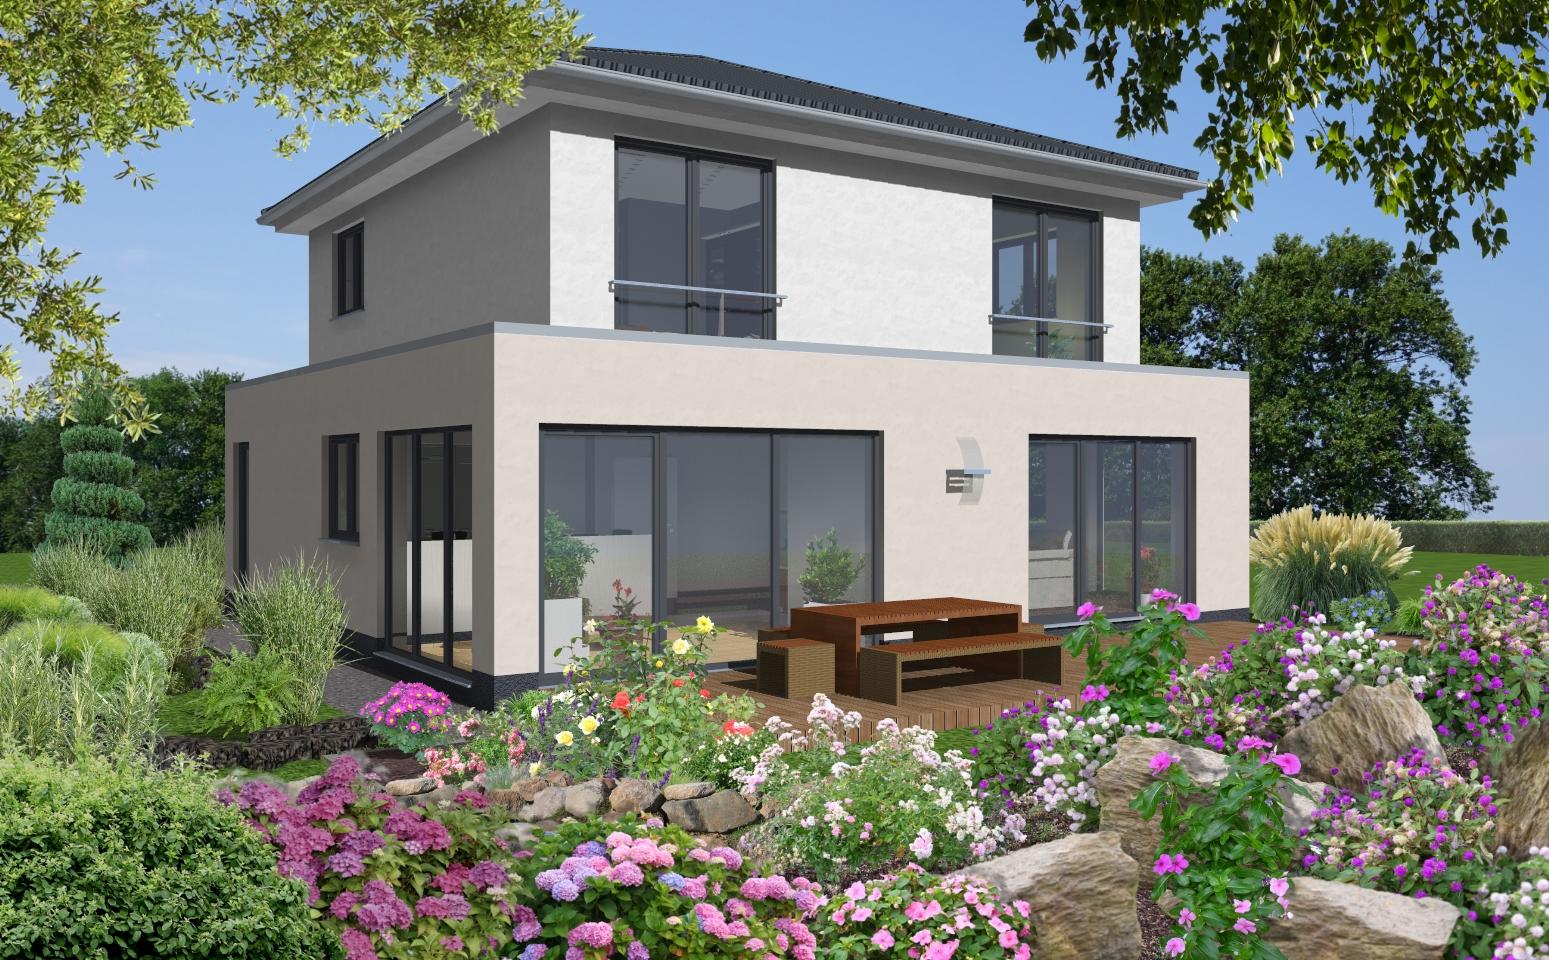 einfamilienhaus 1 150 wapelhorst planen und bauen. Black Bedroom Furniture Sets. Home Design Ideas